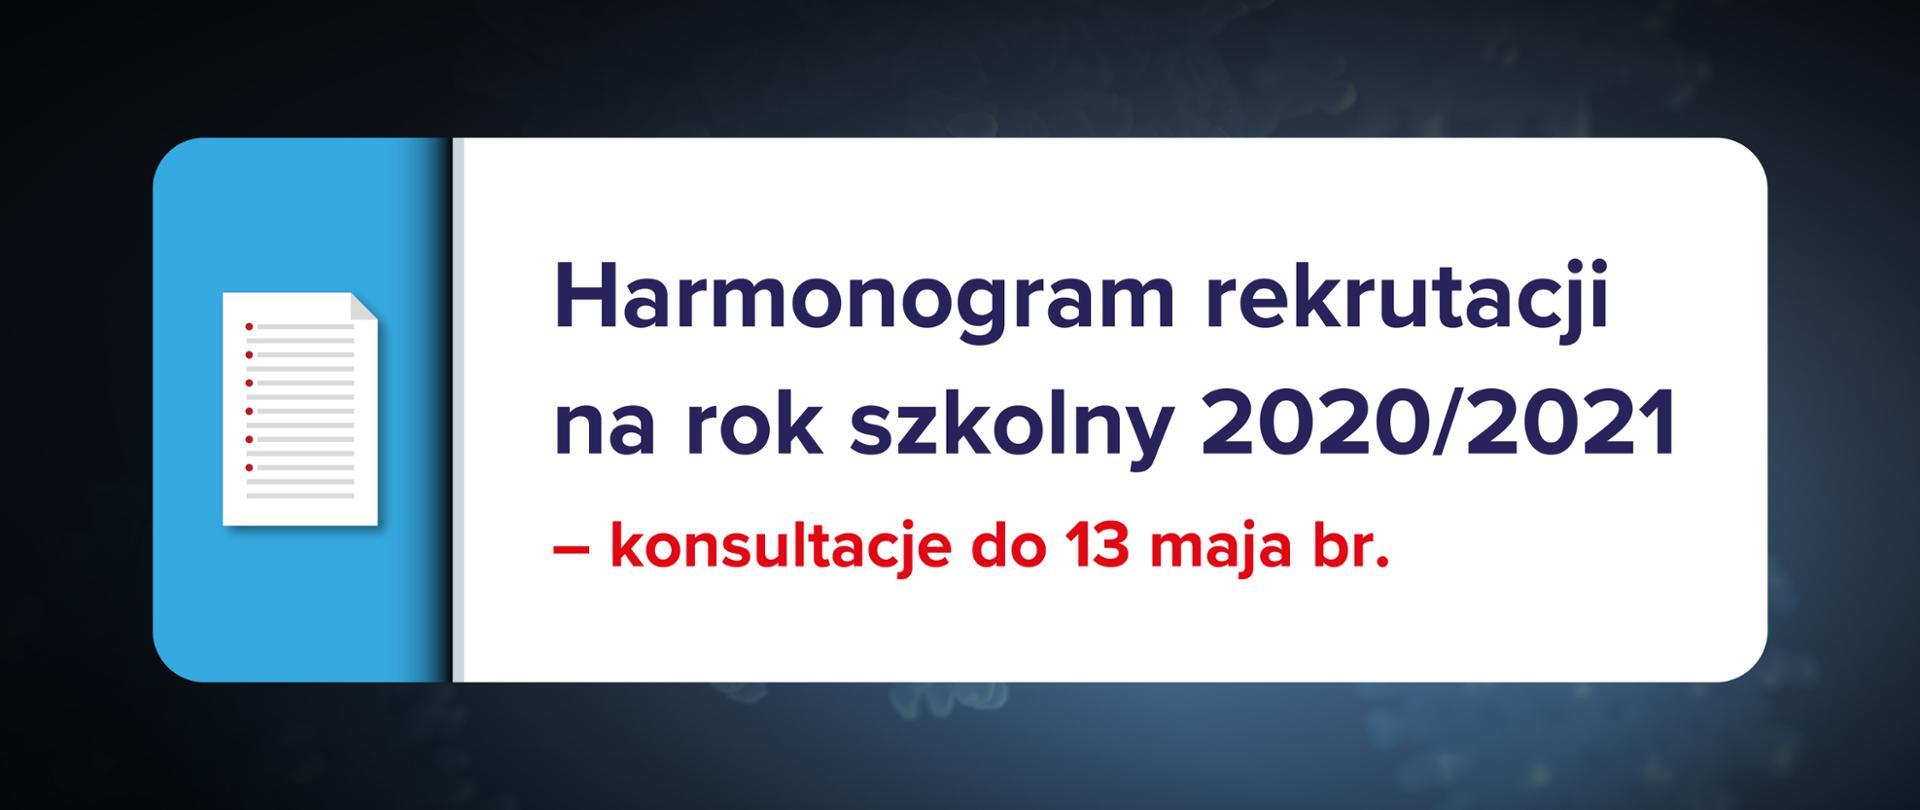 """Ciemnogranatowe tło z ikoną kartki z listą po lewo oraz tekstem na białym tle po prawo: """"Harmonogram rekrutacji na rok szkolny 2020/2021 – konsultacje do 13 maja br."""""""